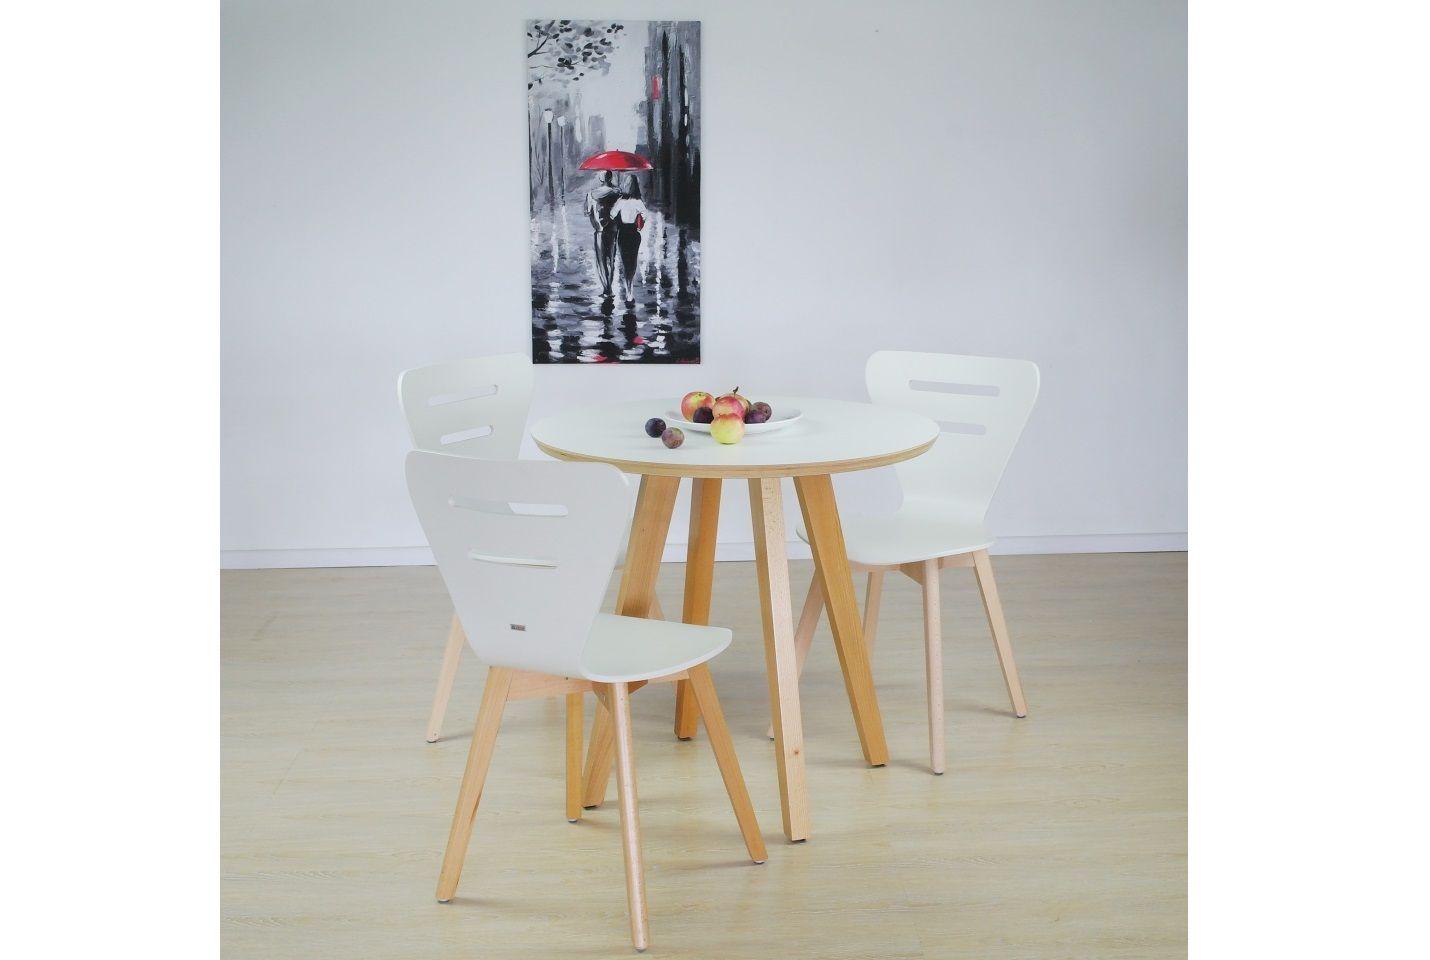 Stół Laminowany Okrągły Bukowe Nogi + DORIS W krzesło drewniane białe, bukowa rama